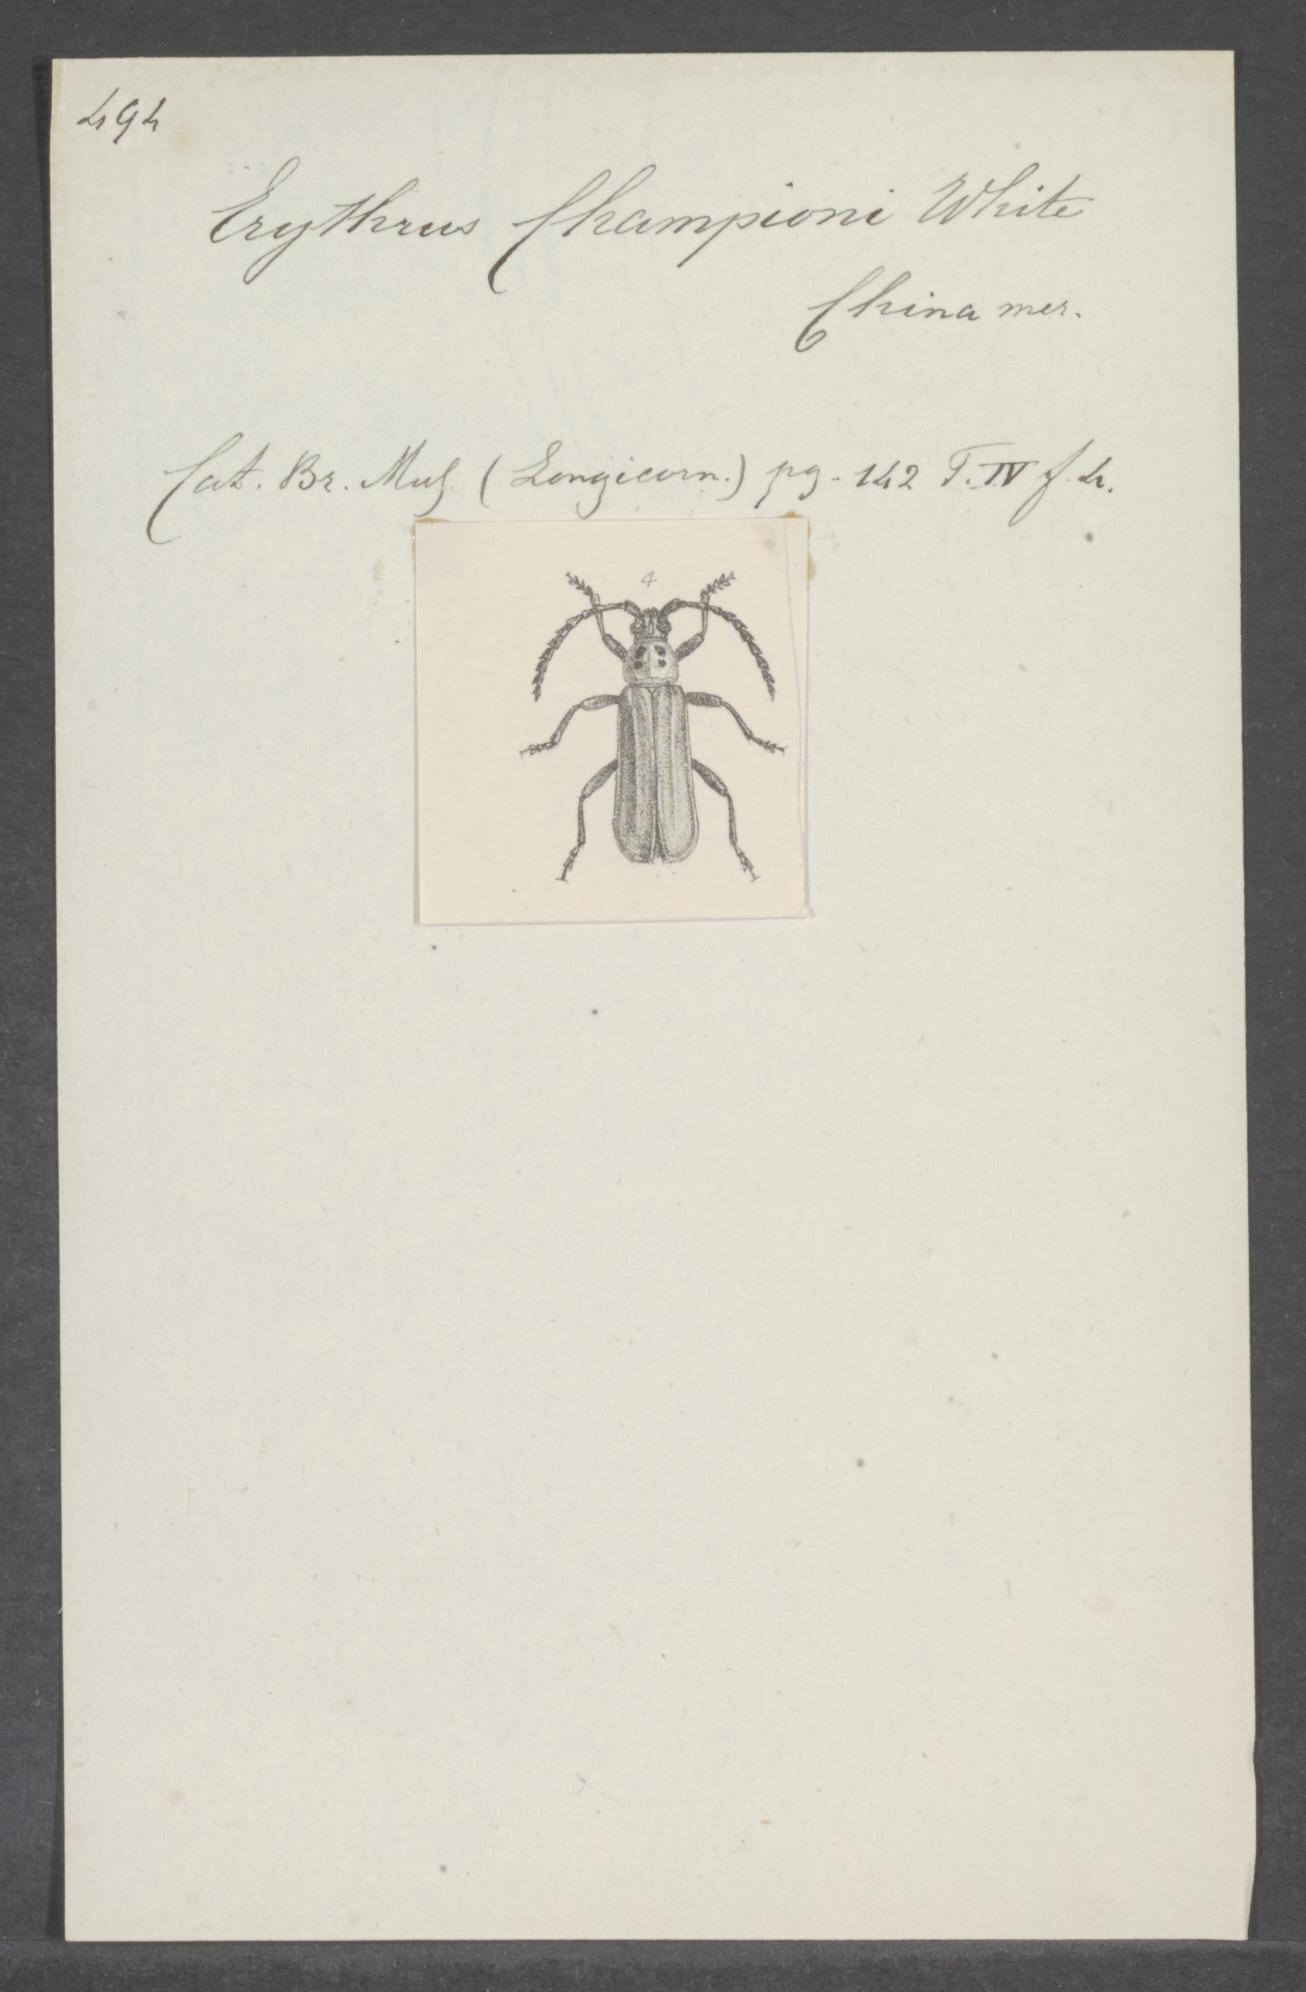 Image of Erythrus